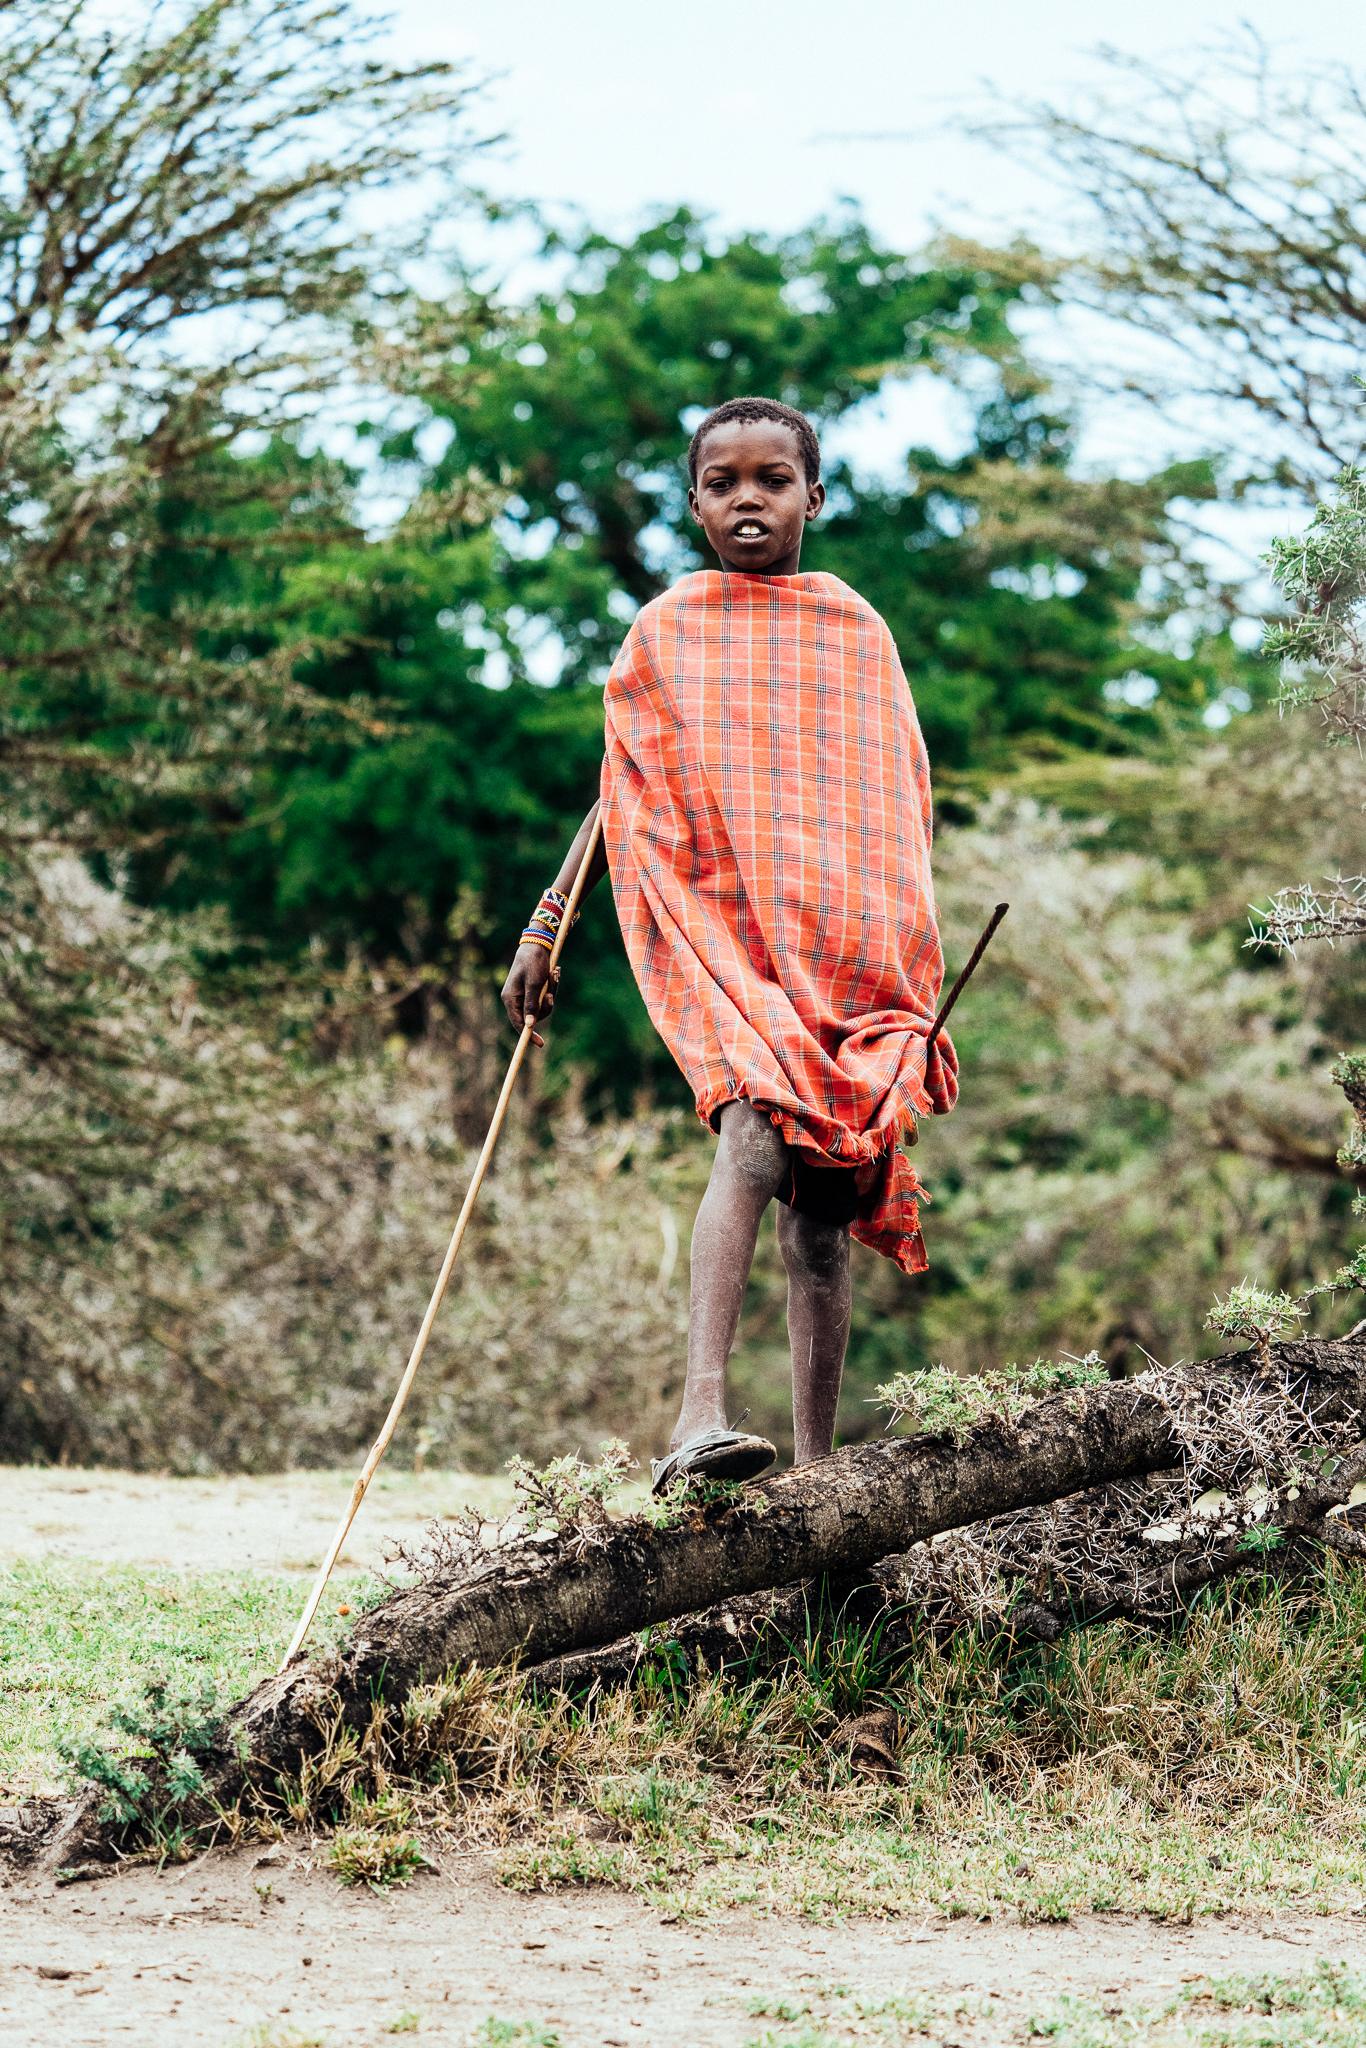 Maasai Boy out in the Mara Ph. Dave Krugman